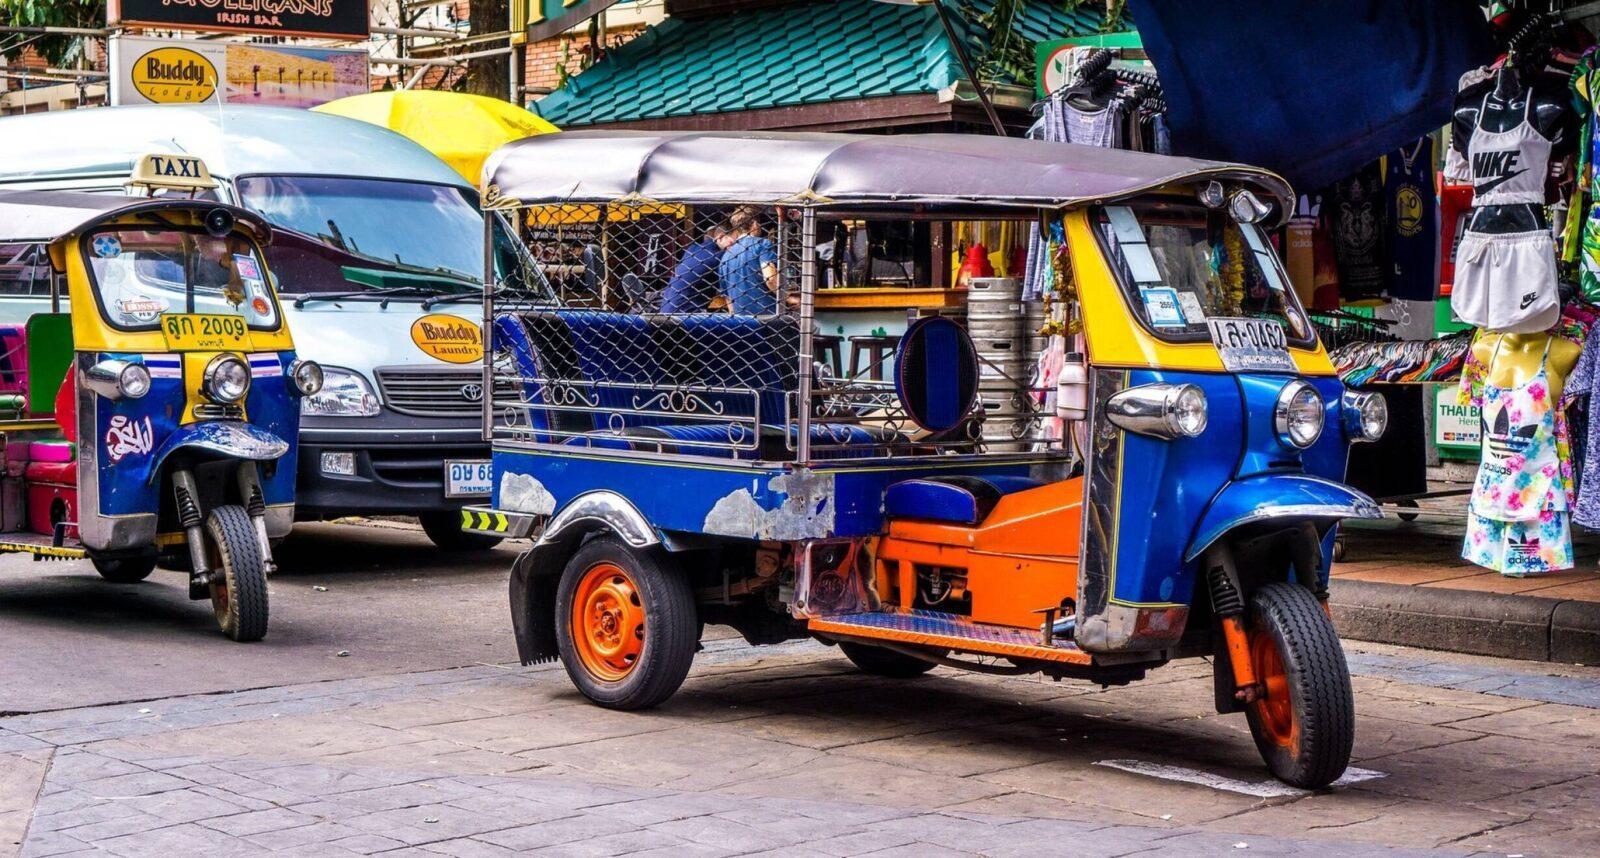 Транспорт для тайцев